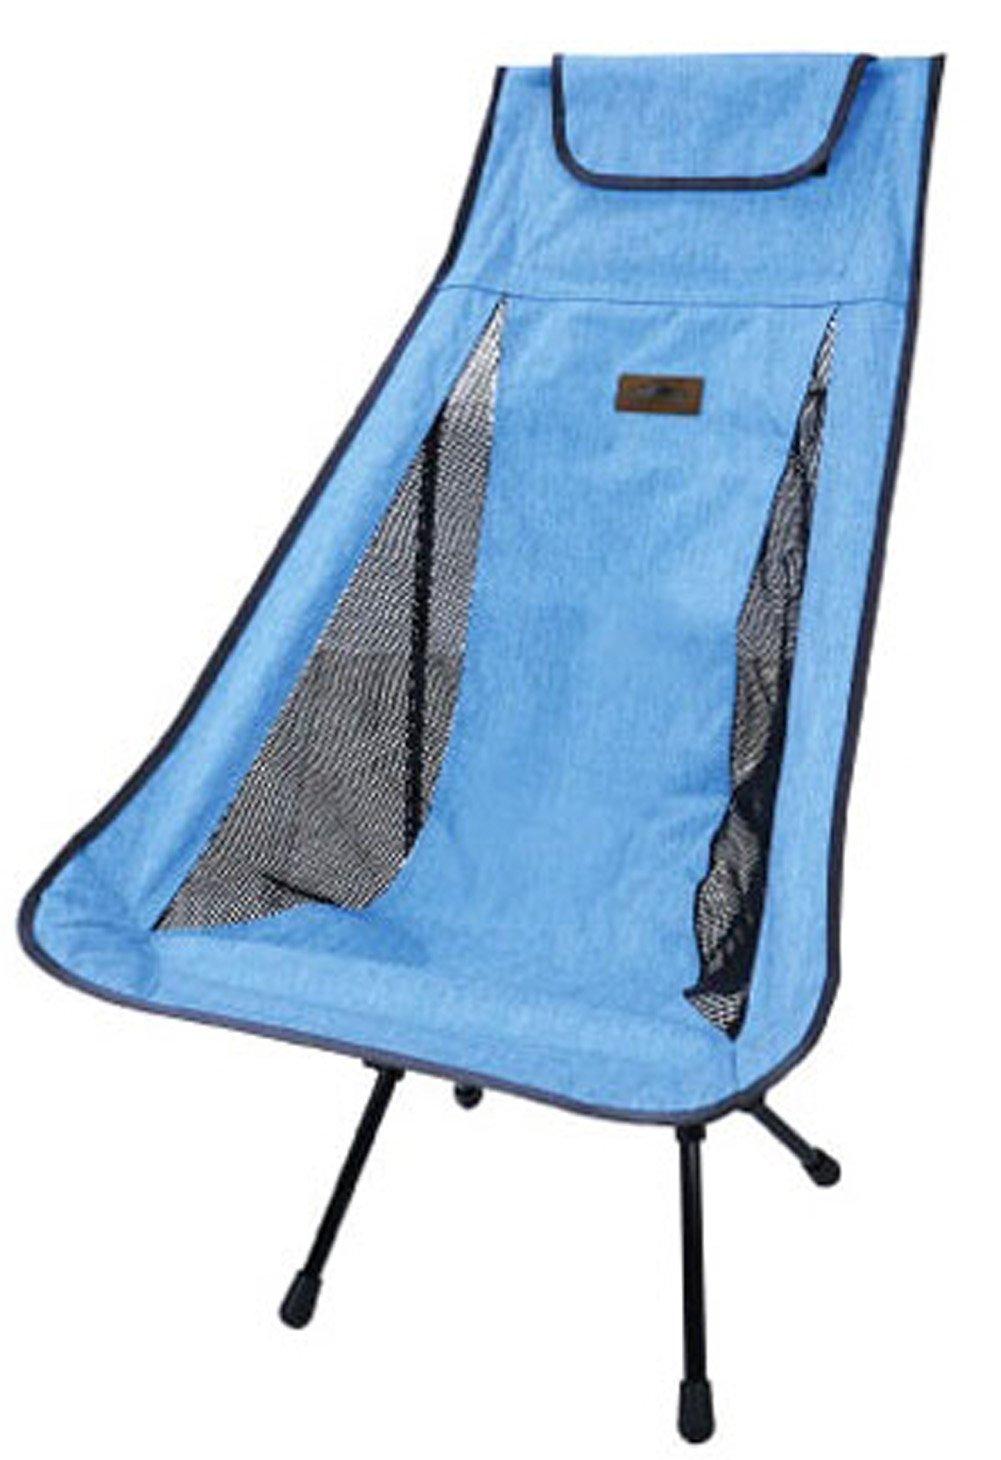 [スノーライン] Snowline Kimi キミチェア キャンピング椅子 リラックスチェア 専用収納かばん アルミニウム7075 海外直送品 (Camping chair Relax chair Storage bag Aluminum 7075) B0755HT1N9 ブルー ブルー